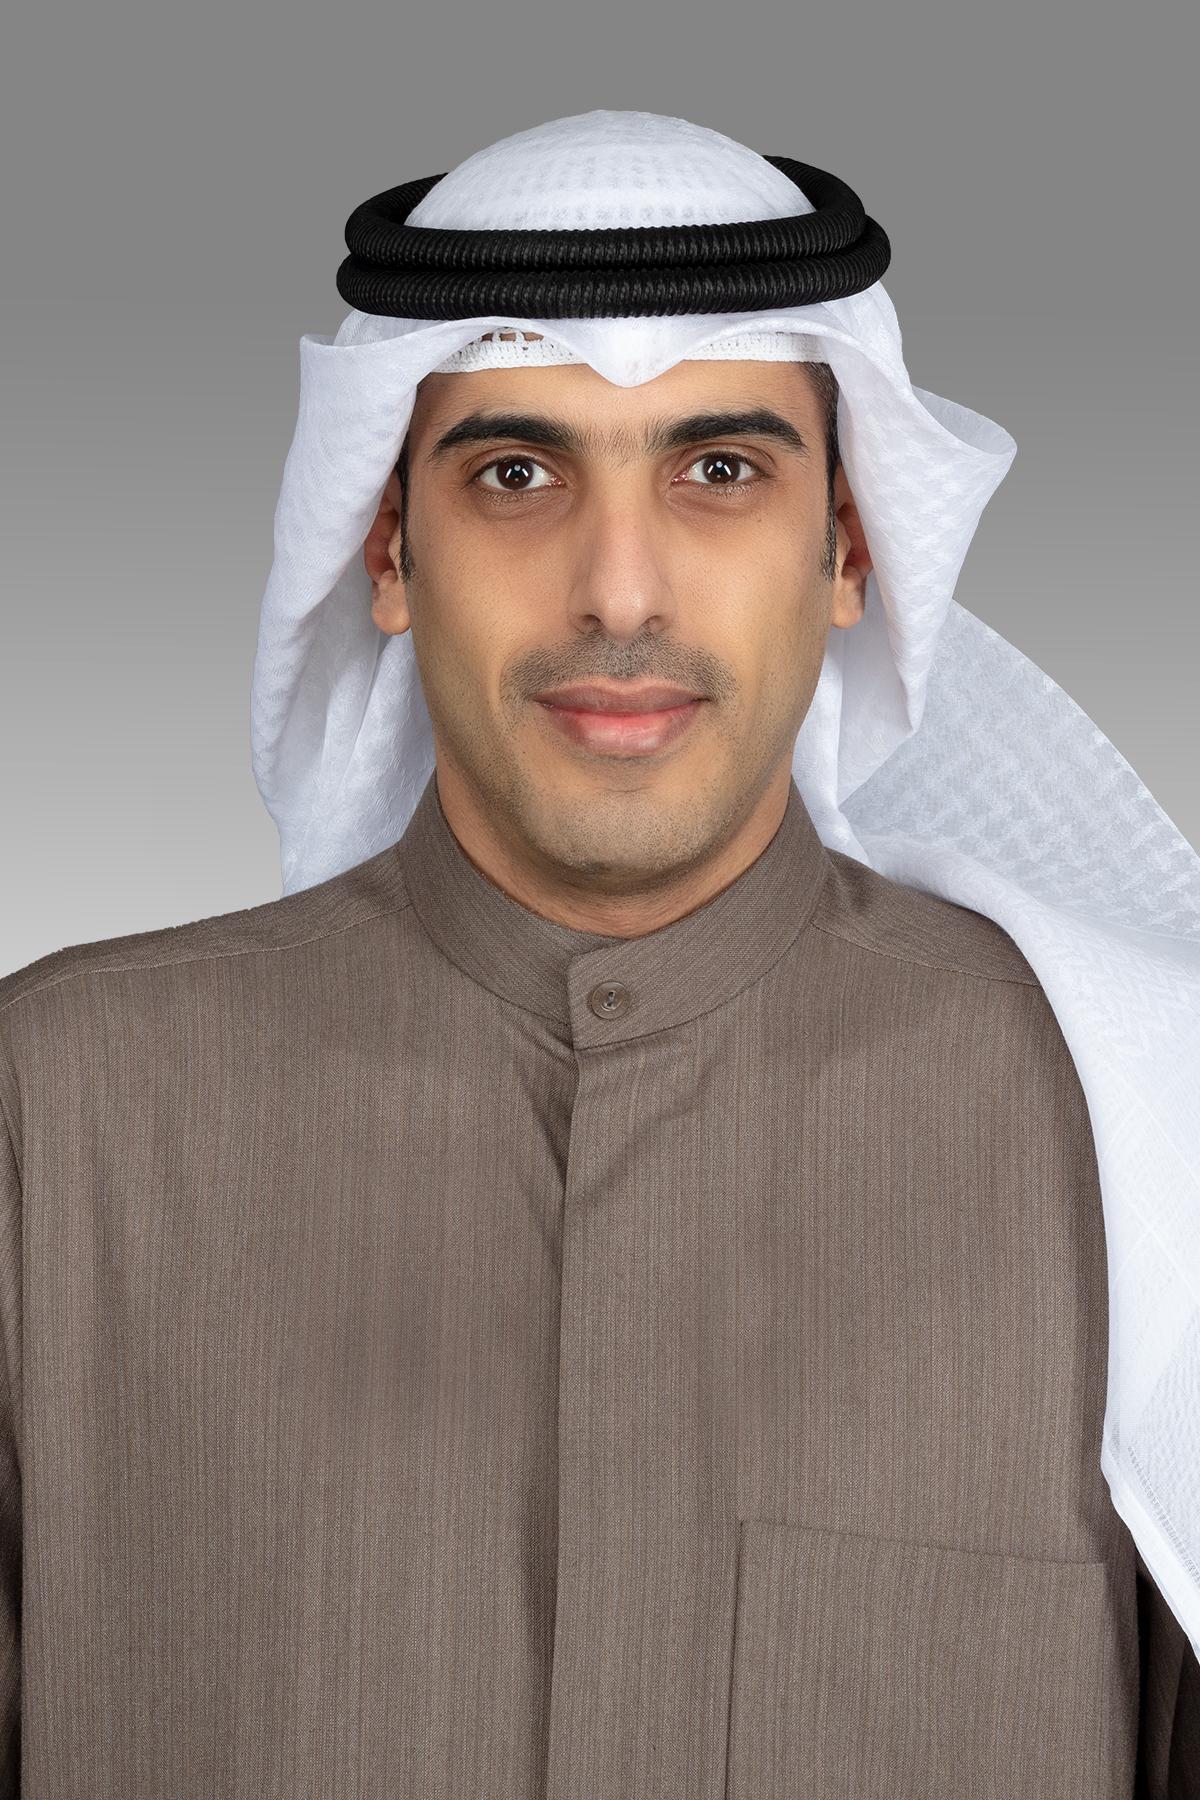 ٢٠٢١٠٥٠٤ ٢٣٤٧٠٨ - عبدالله المضف يسأل «الداخلية» و«التجارة» عن عدد العمالة السائبة في الكويت.   #العبدلي_نيوز